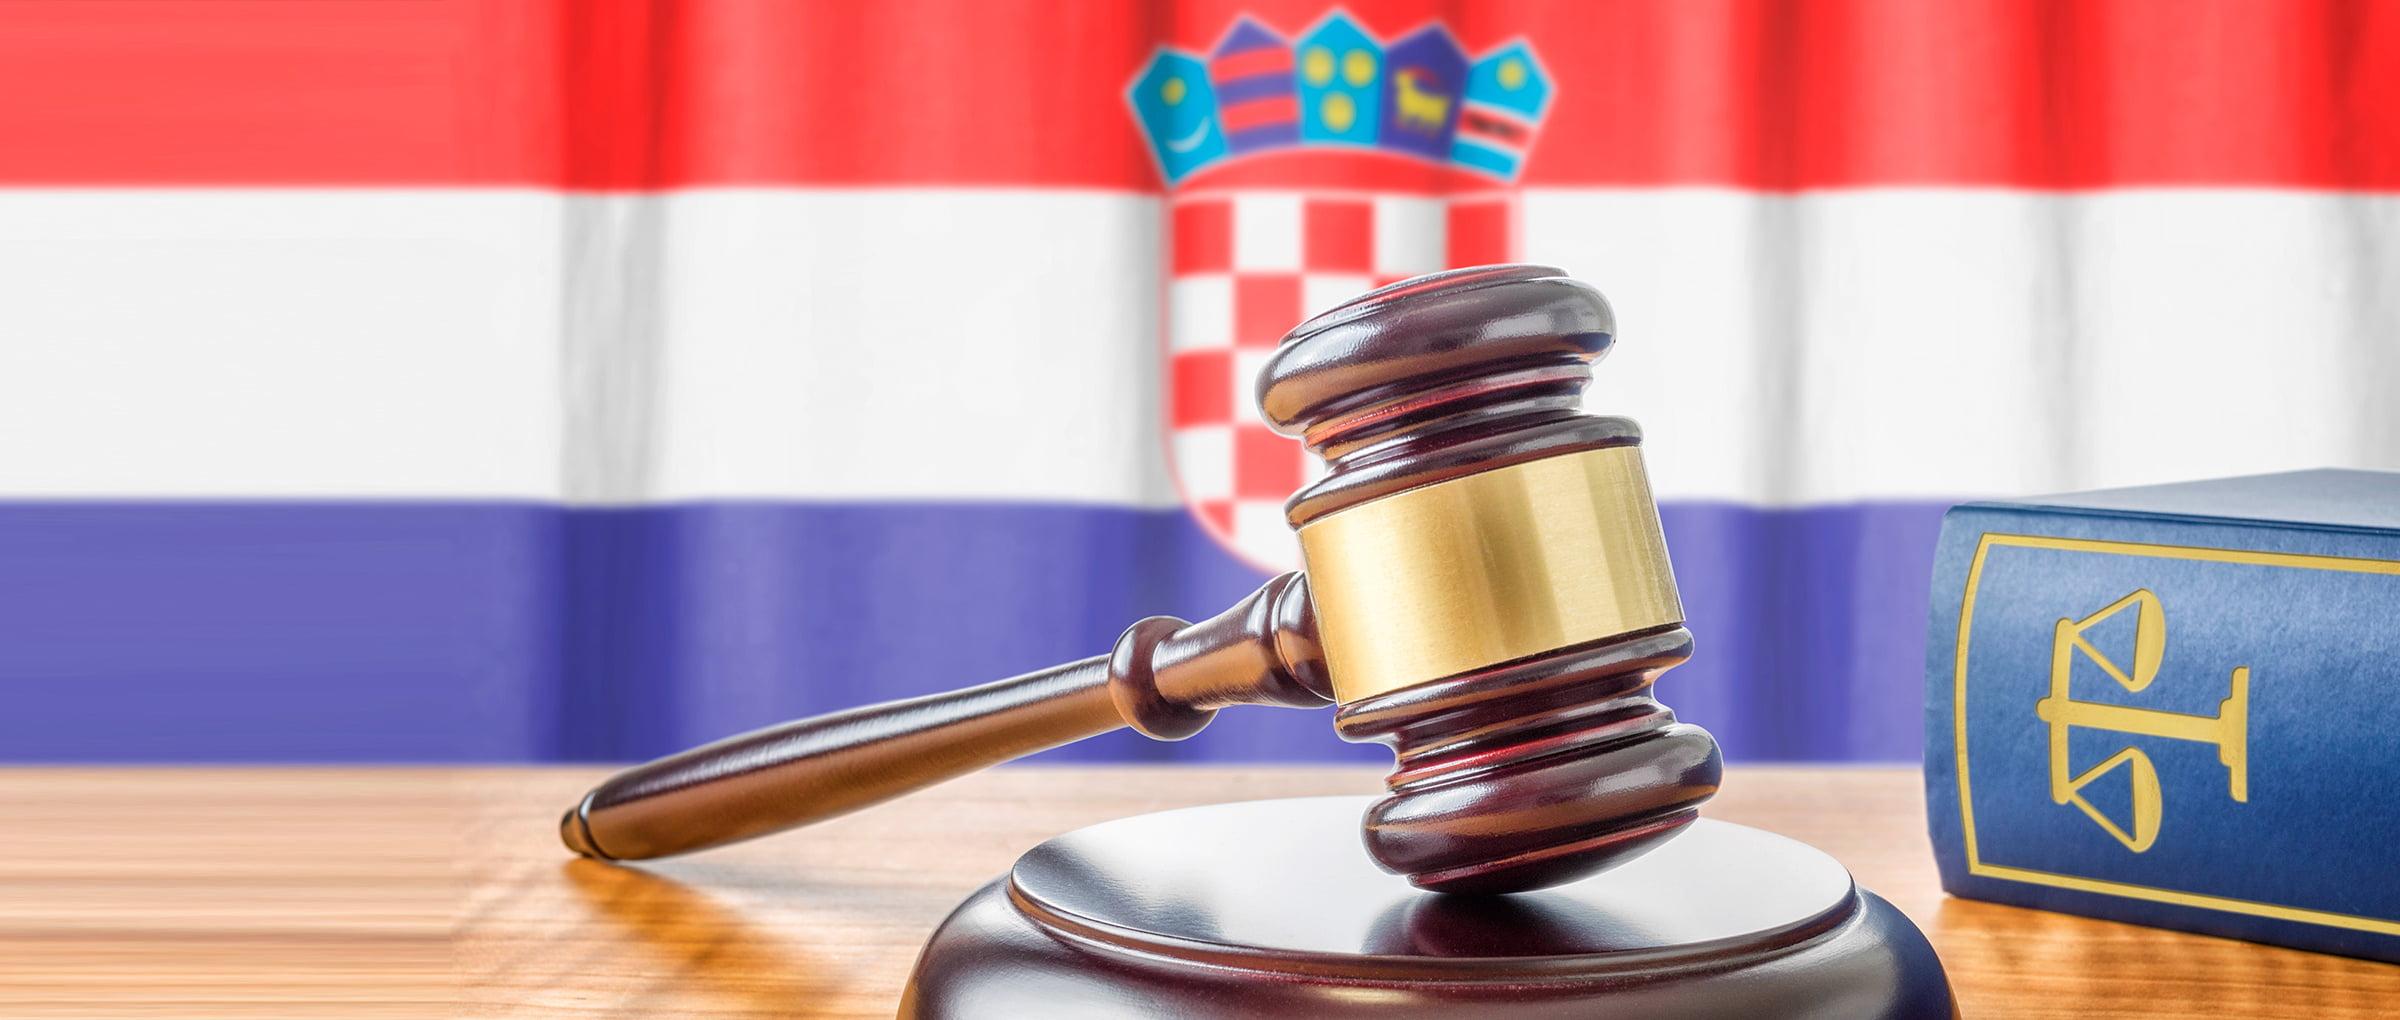 Législation en Croatie